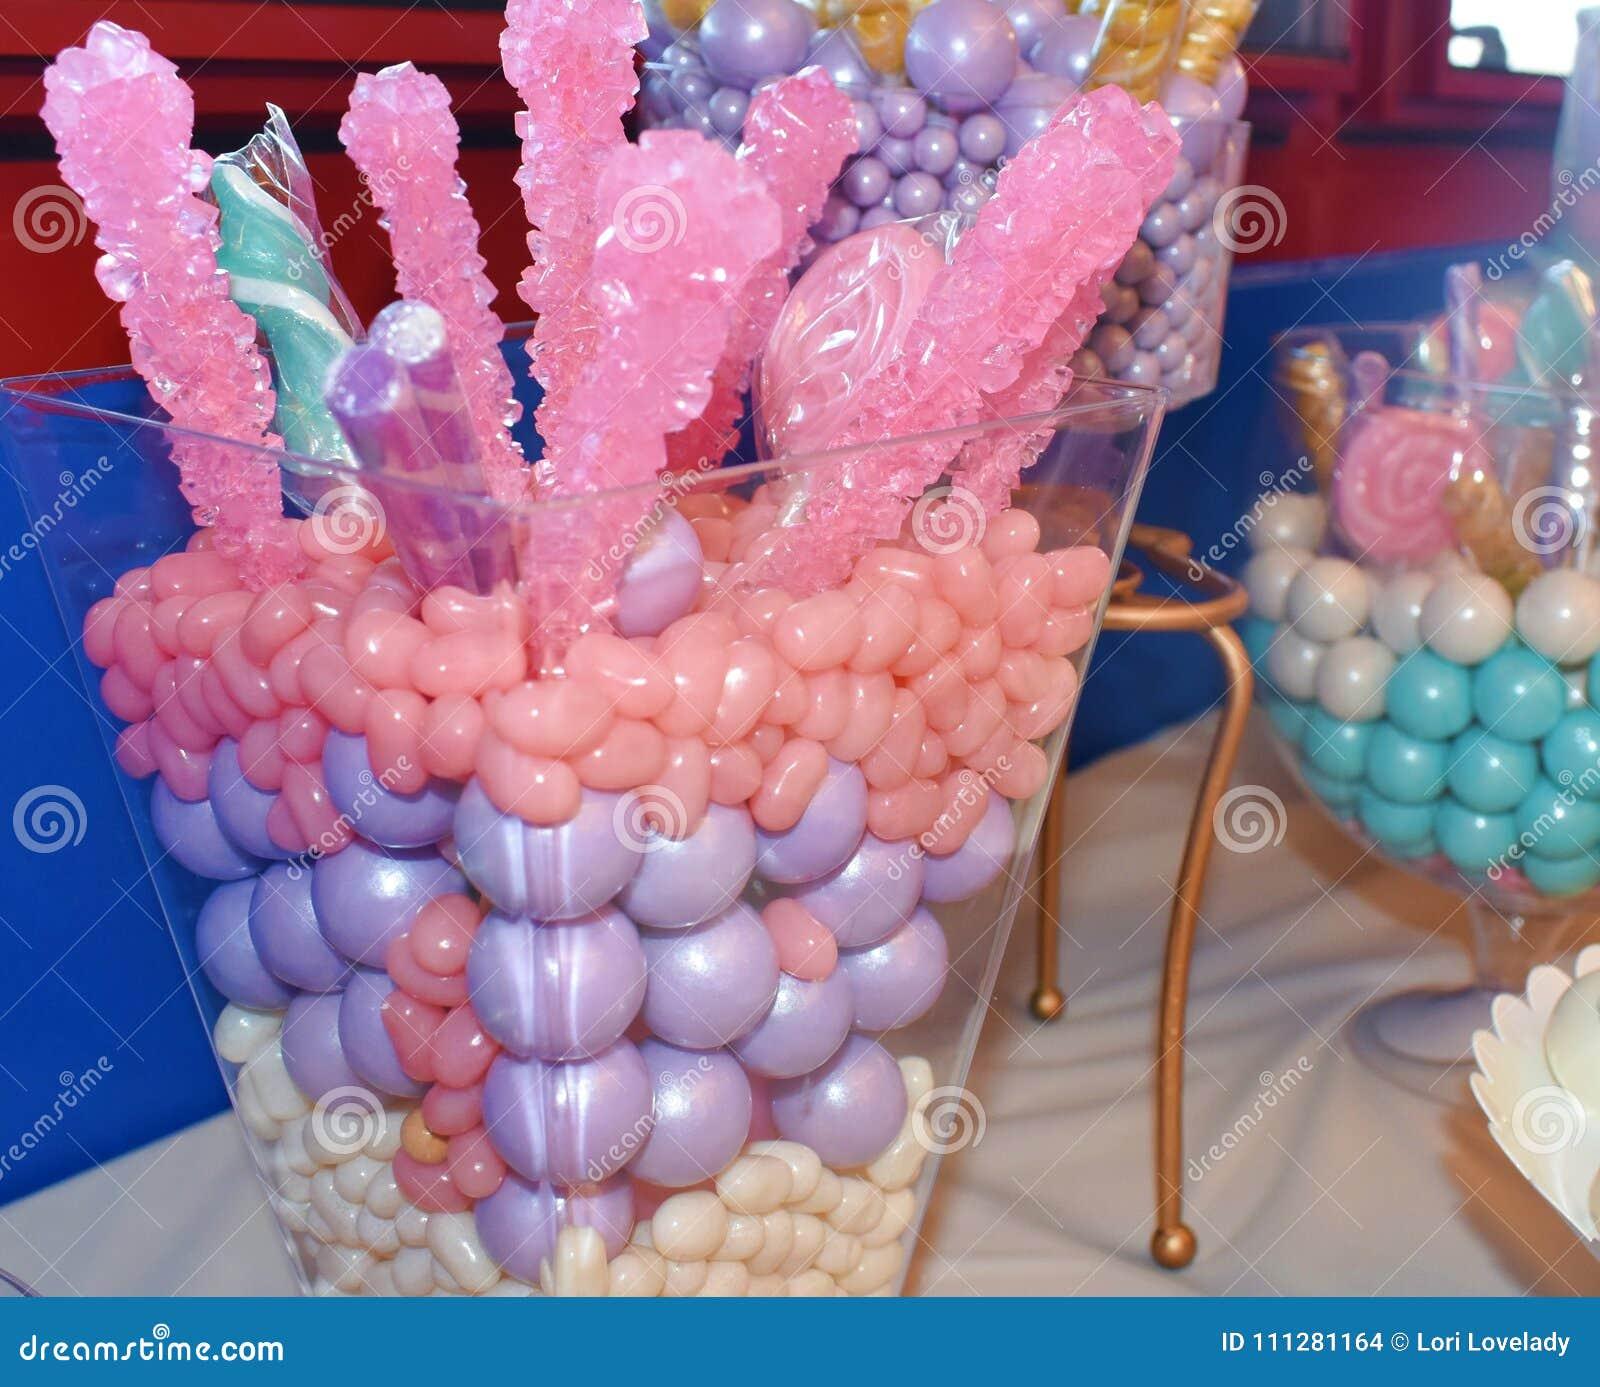 Asortowane wyśmienicie i kolorowe cukierek fundy